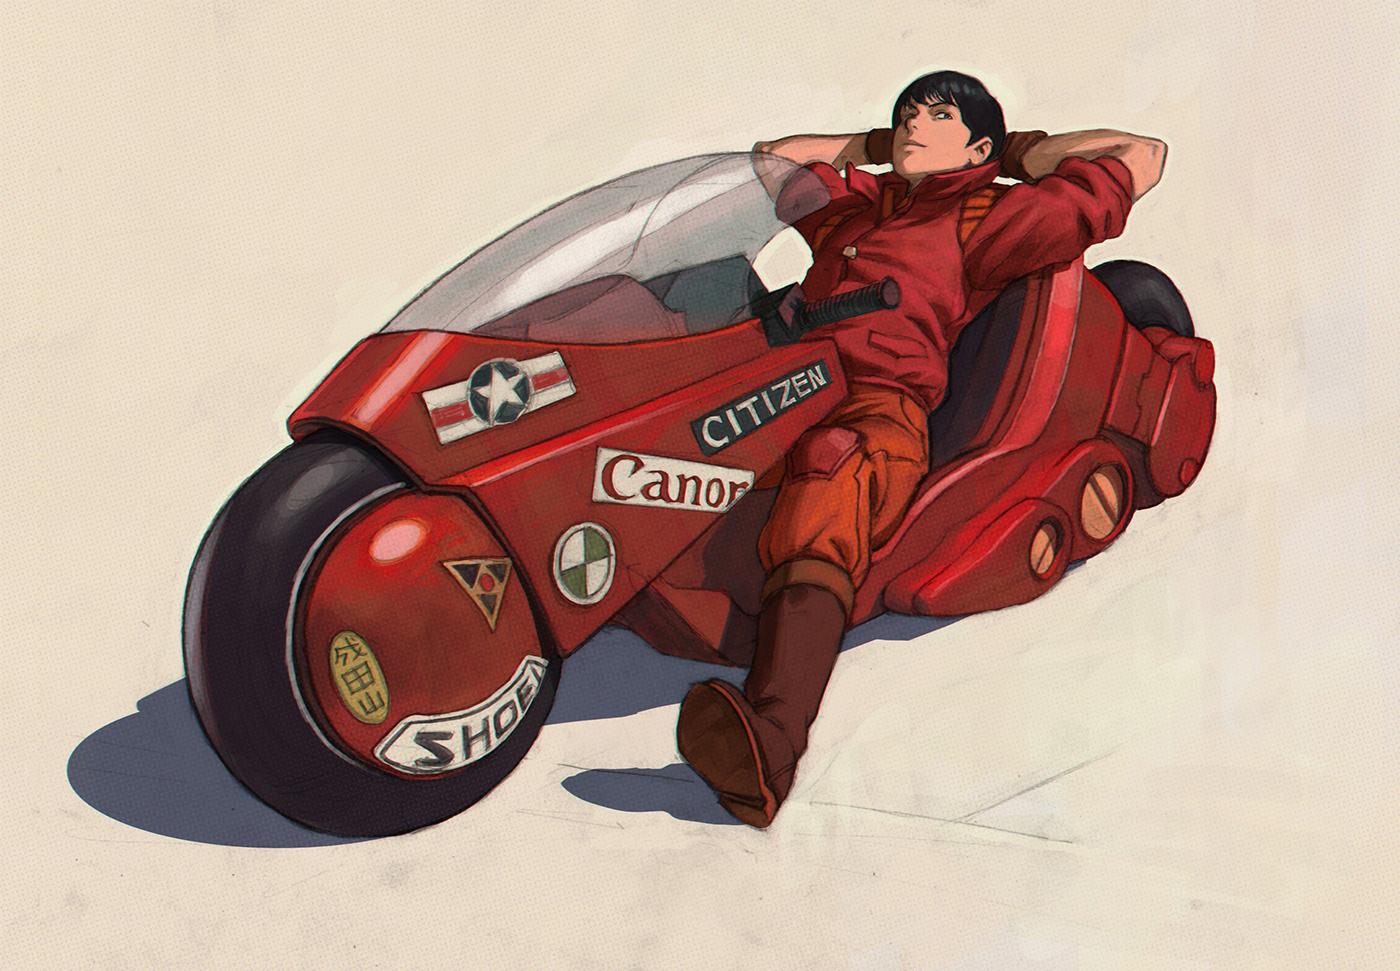 デスクトップ壁紙 明 アニメ少年 オートバイ ショートヘア 2d Shotaro Kaneda 黒髪 単純な背景 赤い服 ファンアート イラ クフシノフ 1400x971 Br3athless デスクトップ壁紙 Wallhere